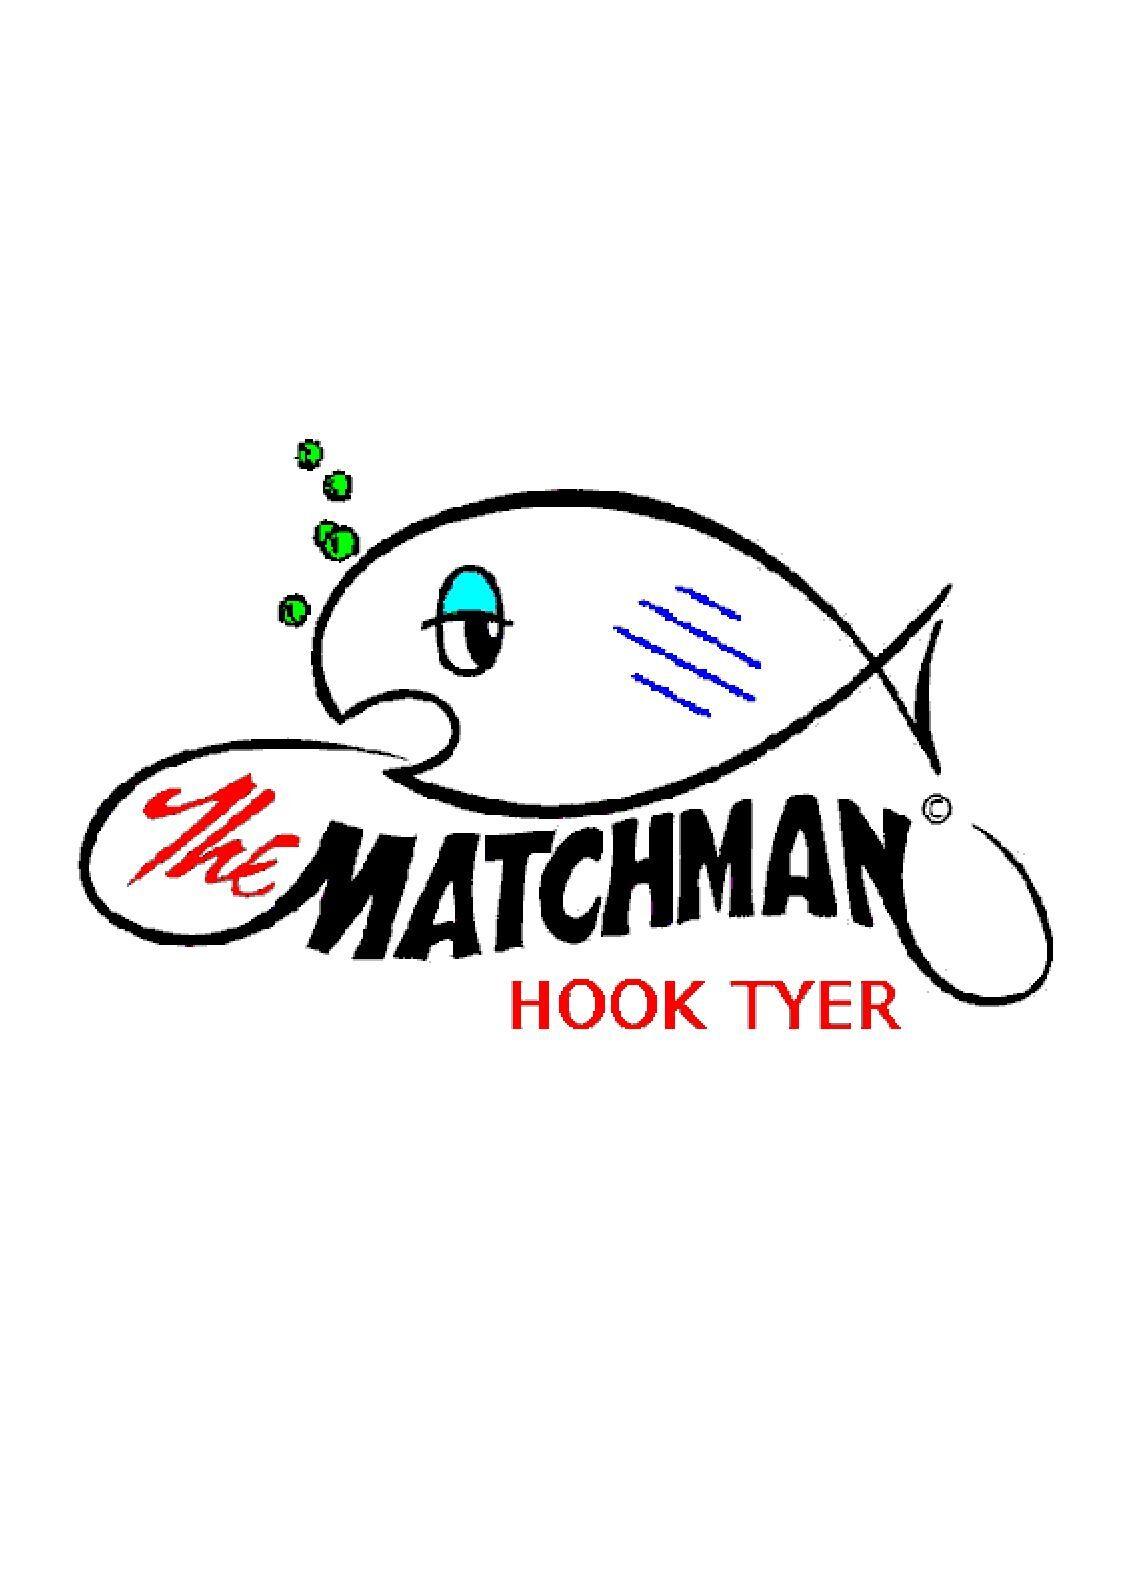 MATCHMAN HOOK TYER SHOP